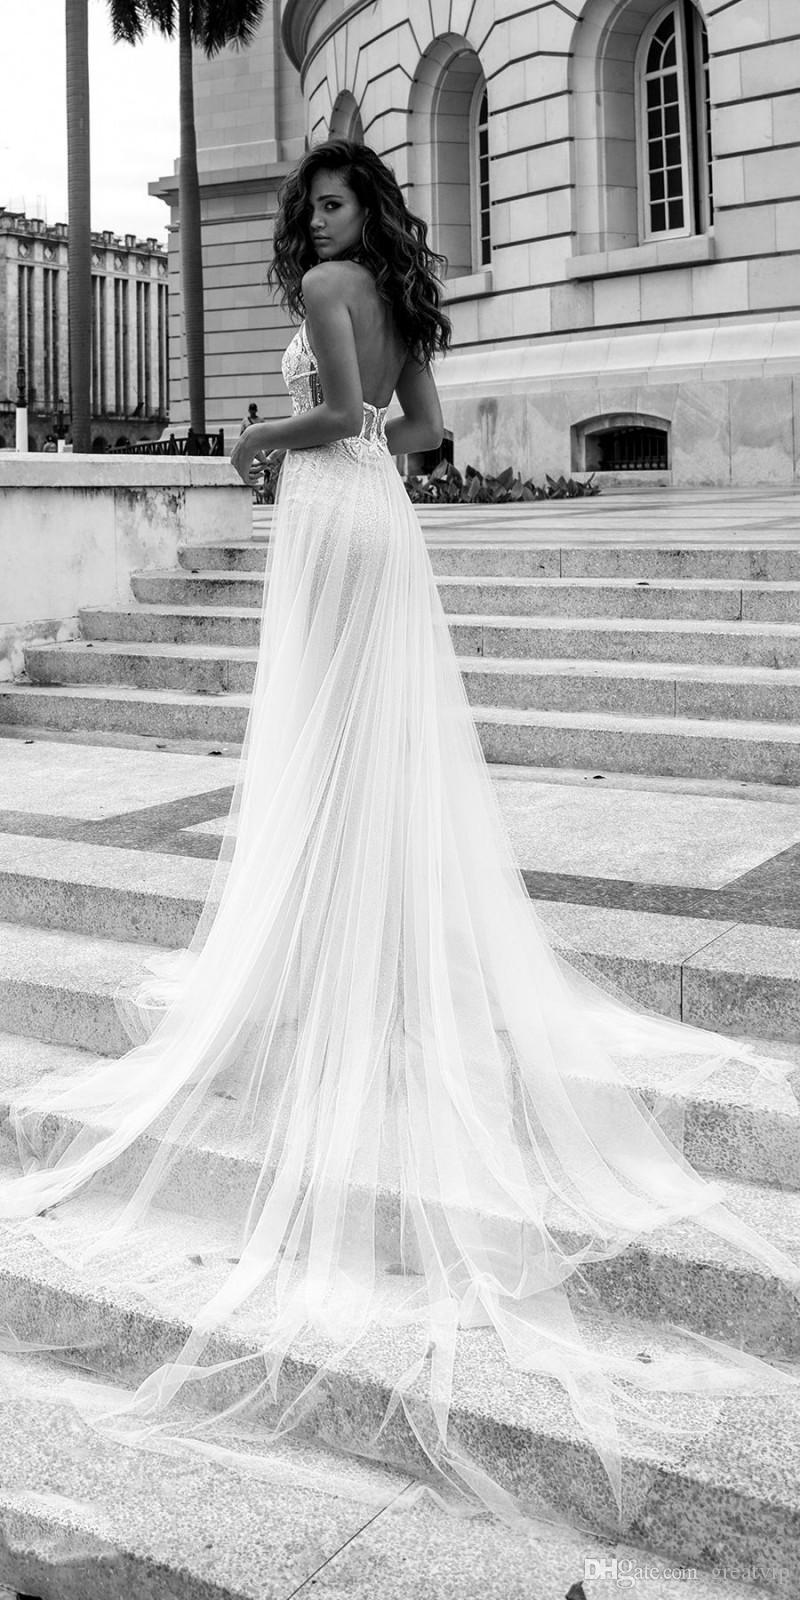 2019 Julie Vino Beach Abiti da sposa Backless Halter Neck Illusion Lace Applique Boho Abiti da sposa Sweep Train Tulle Abito da sposa